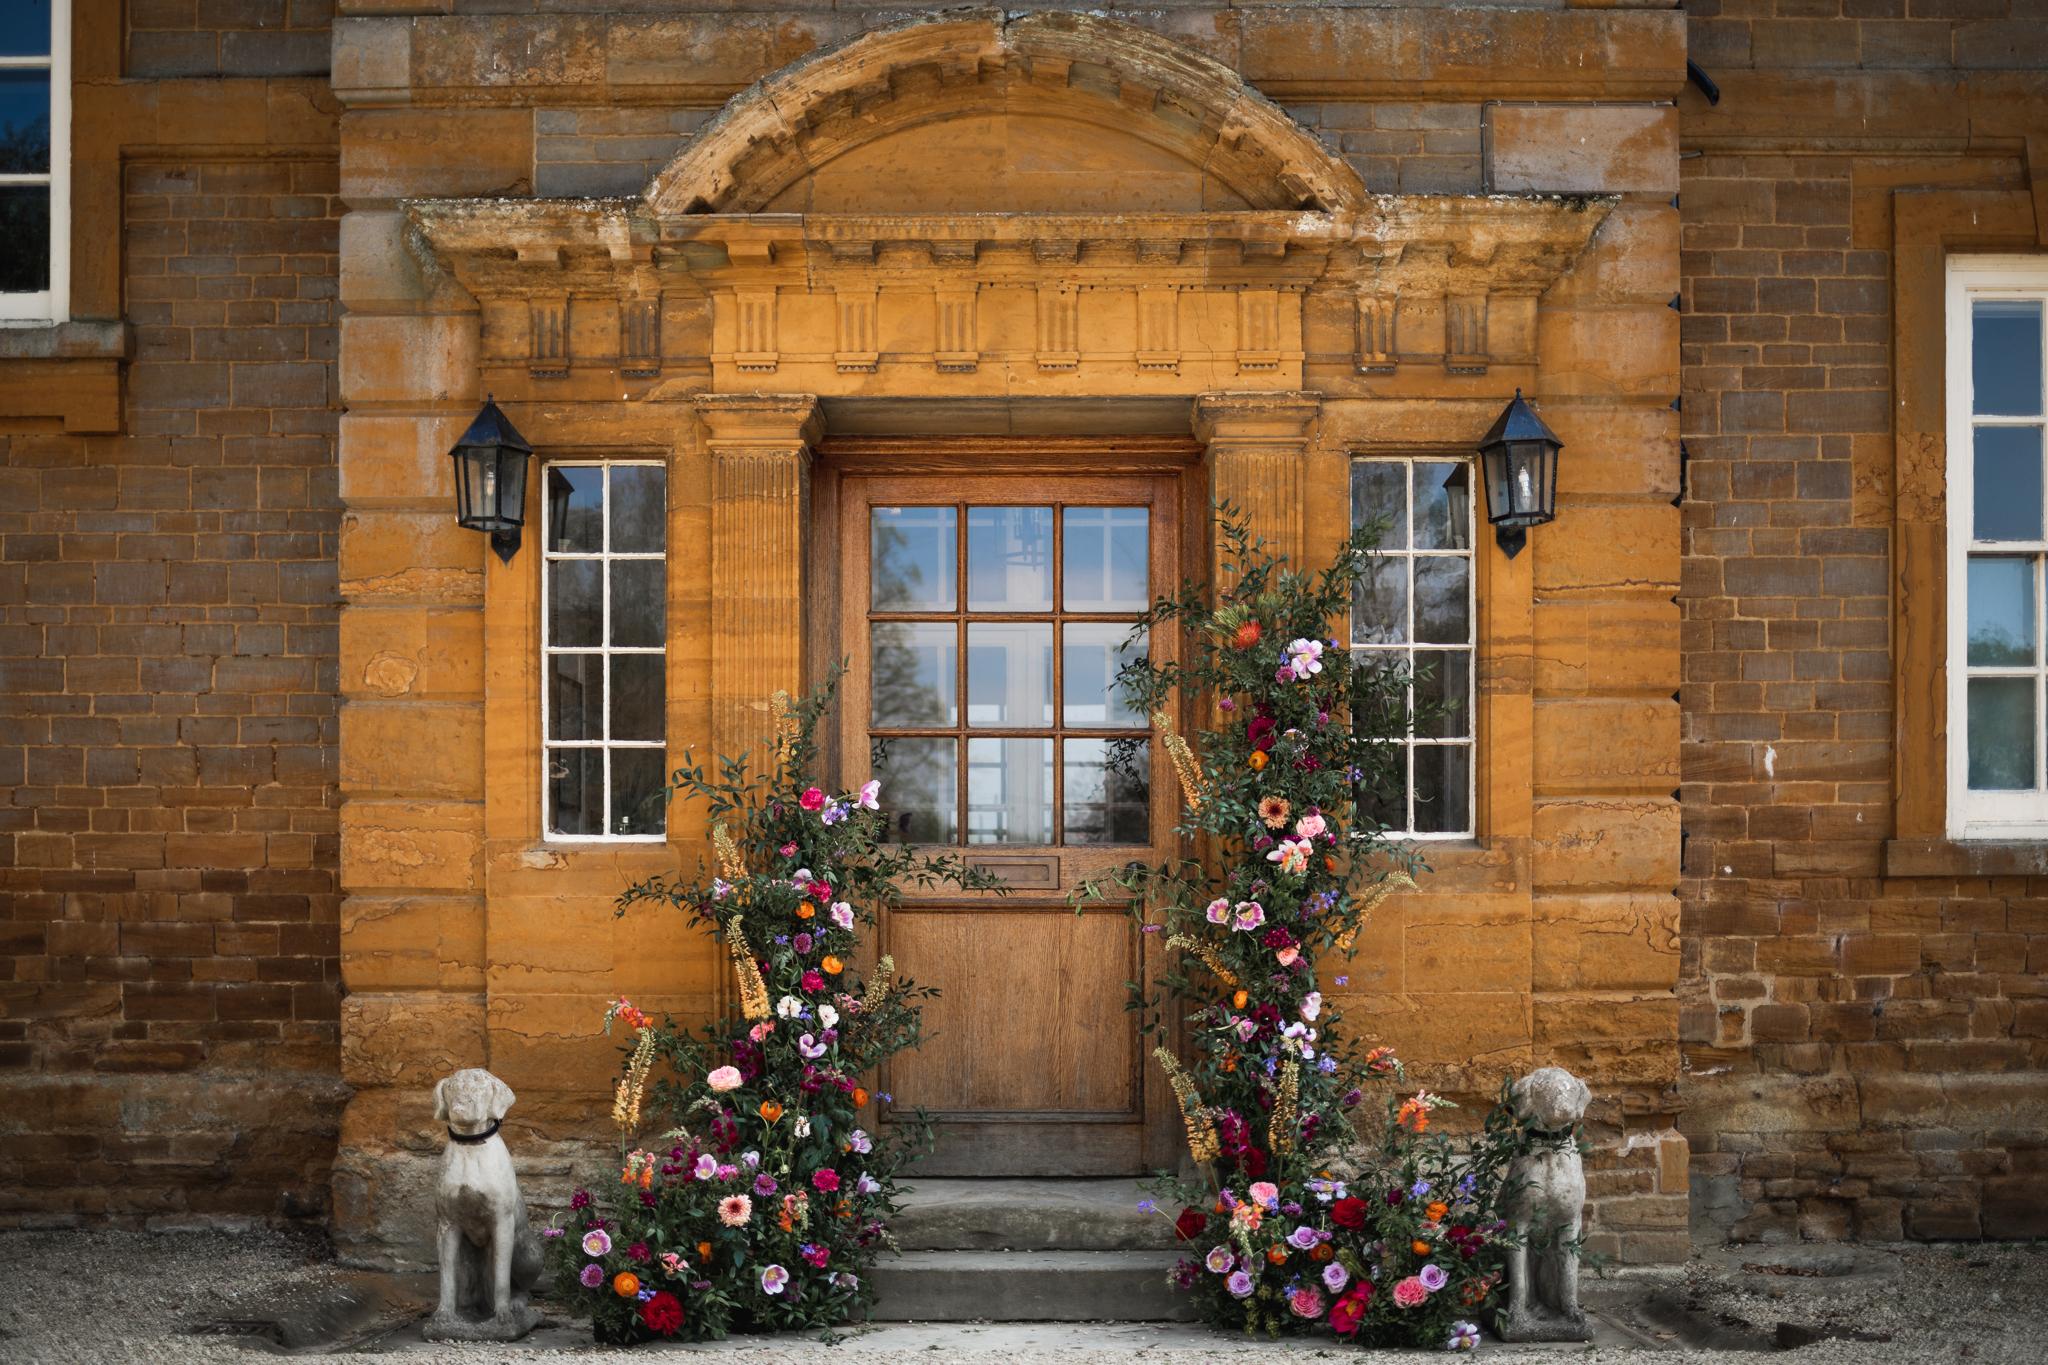 Jewelled Tone Wedding Bond Photography Wedding Photography Bedfordshire Cambridge Oxfordshire Buckinghamshire Creative Wedding Photography